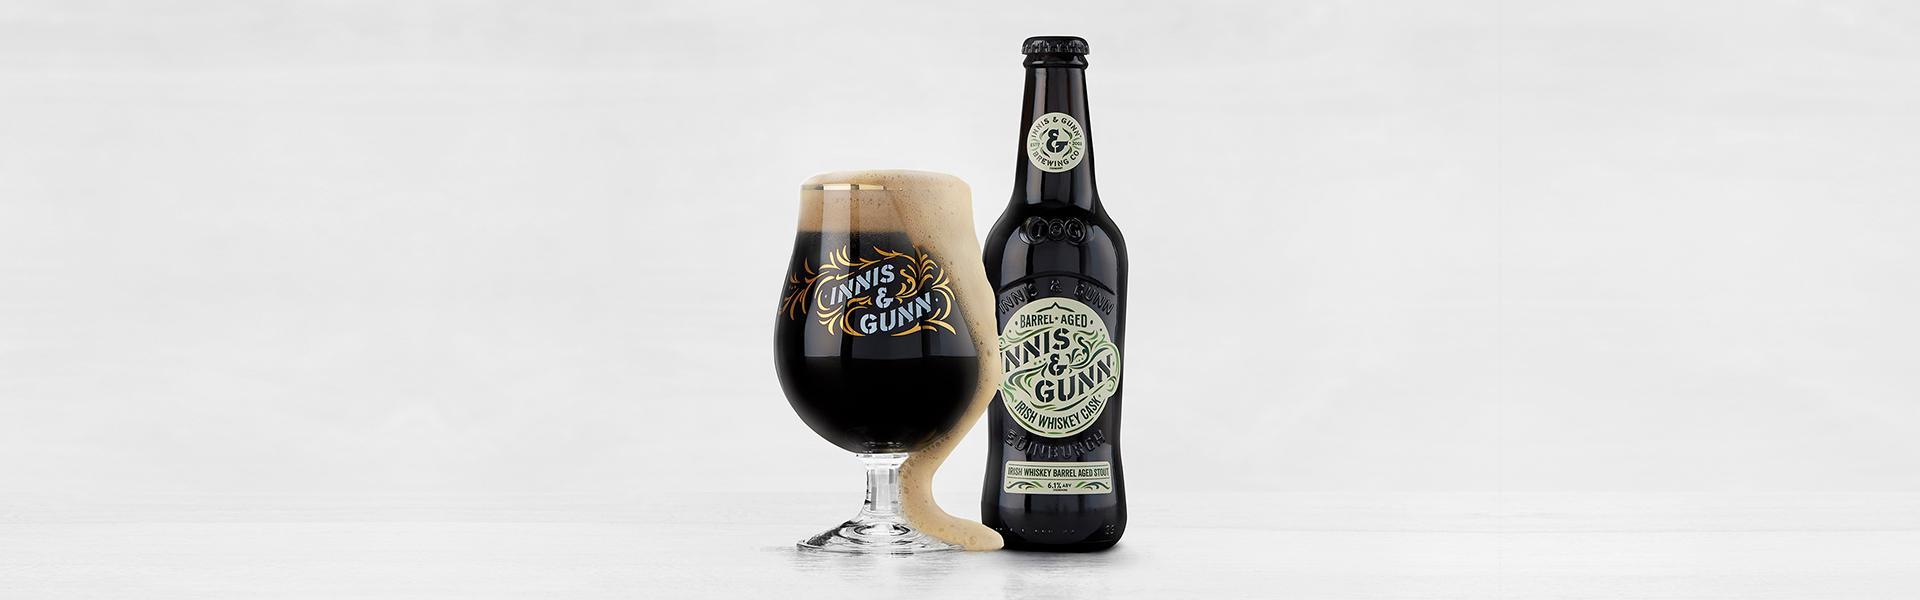 Innis & Gunn's omåttligt populära Irish whiskey cask stout är tillbaka i april!